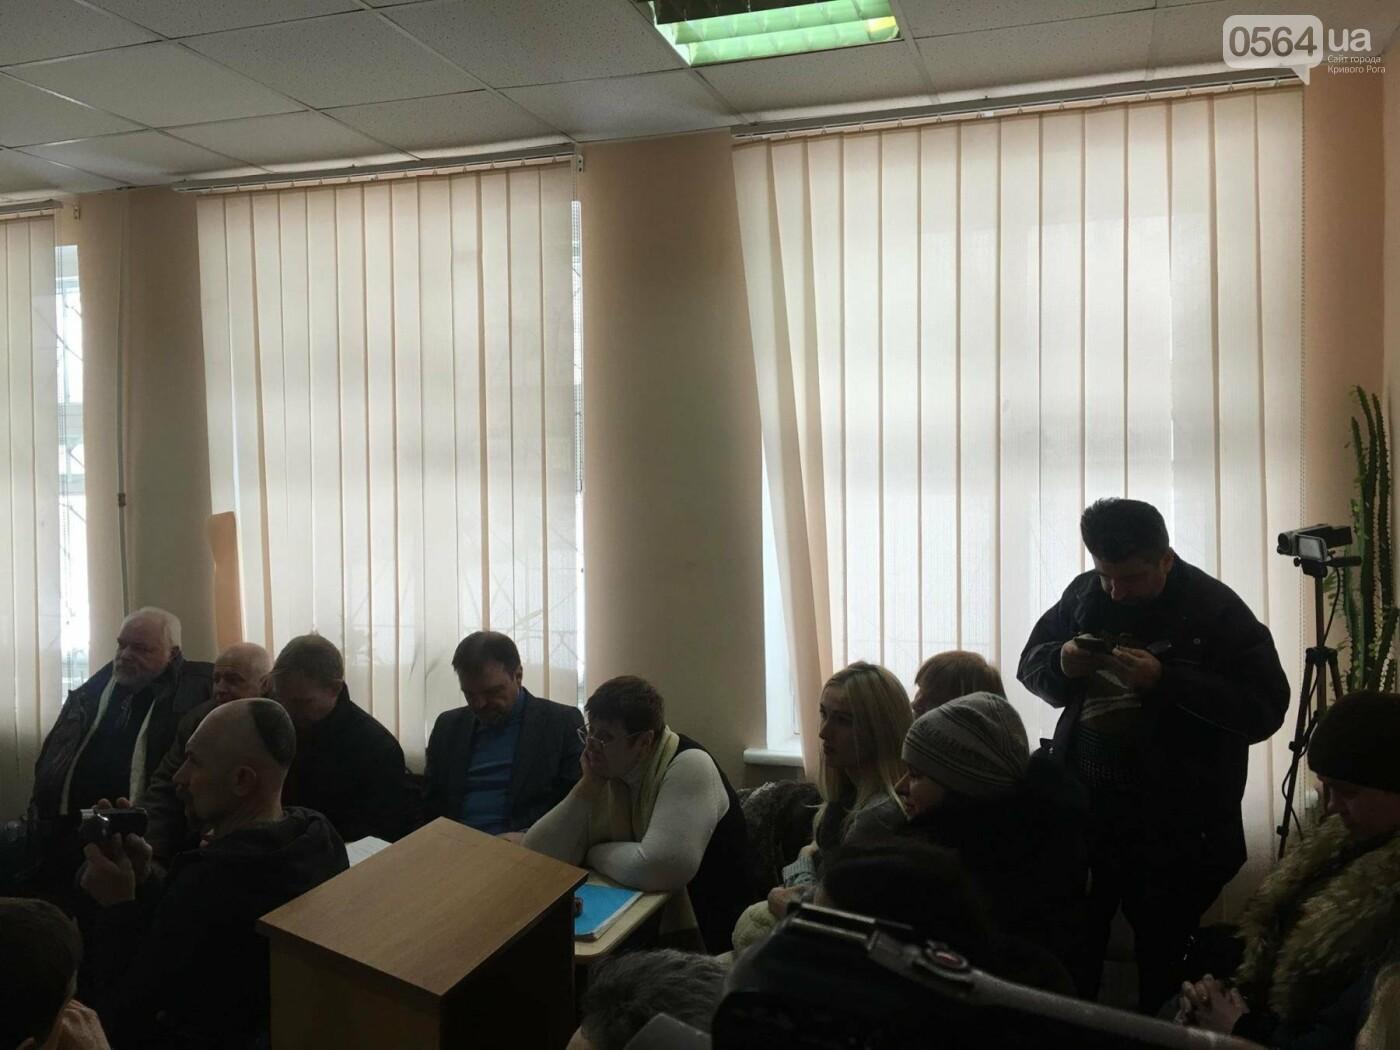 В Кривом Роге продолжается суд над приемными родителями сожженной Амины Менго (ФОТО), фото-10